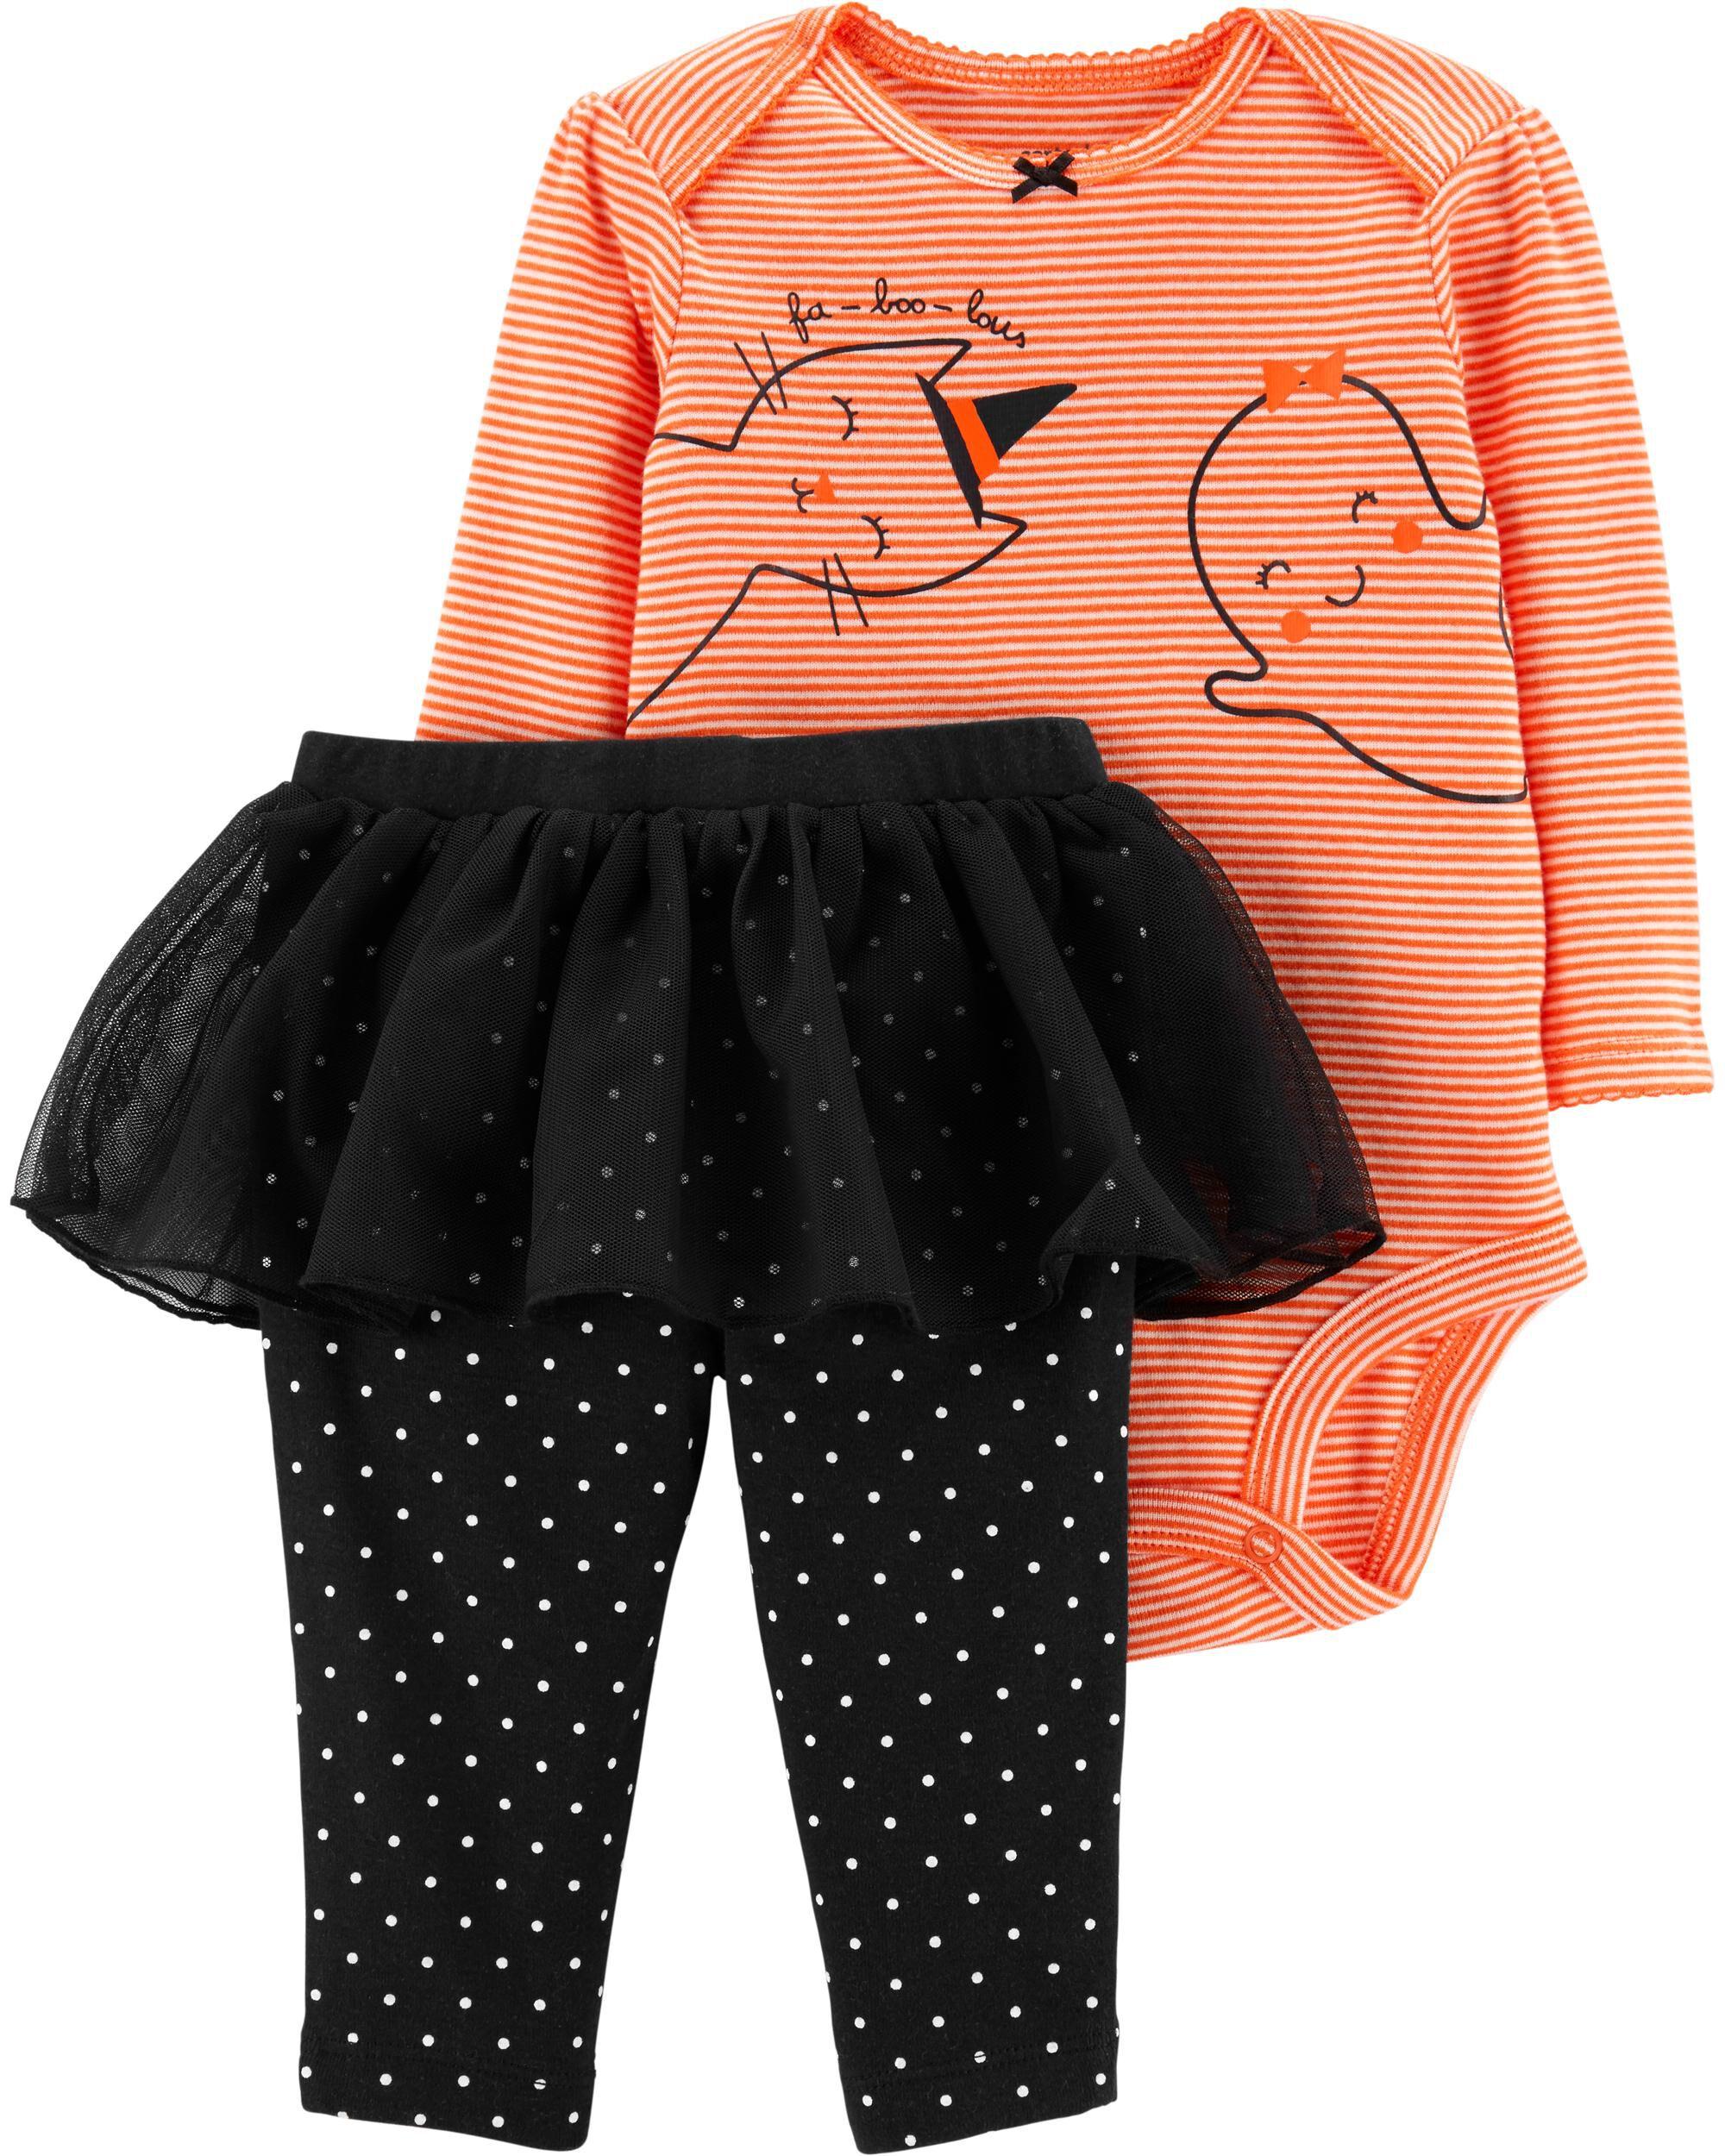 Halloween Bat Orange Cotton Bodysuit Girls Baby Dress Clothing Outfit Set NB-18M